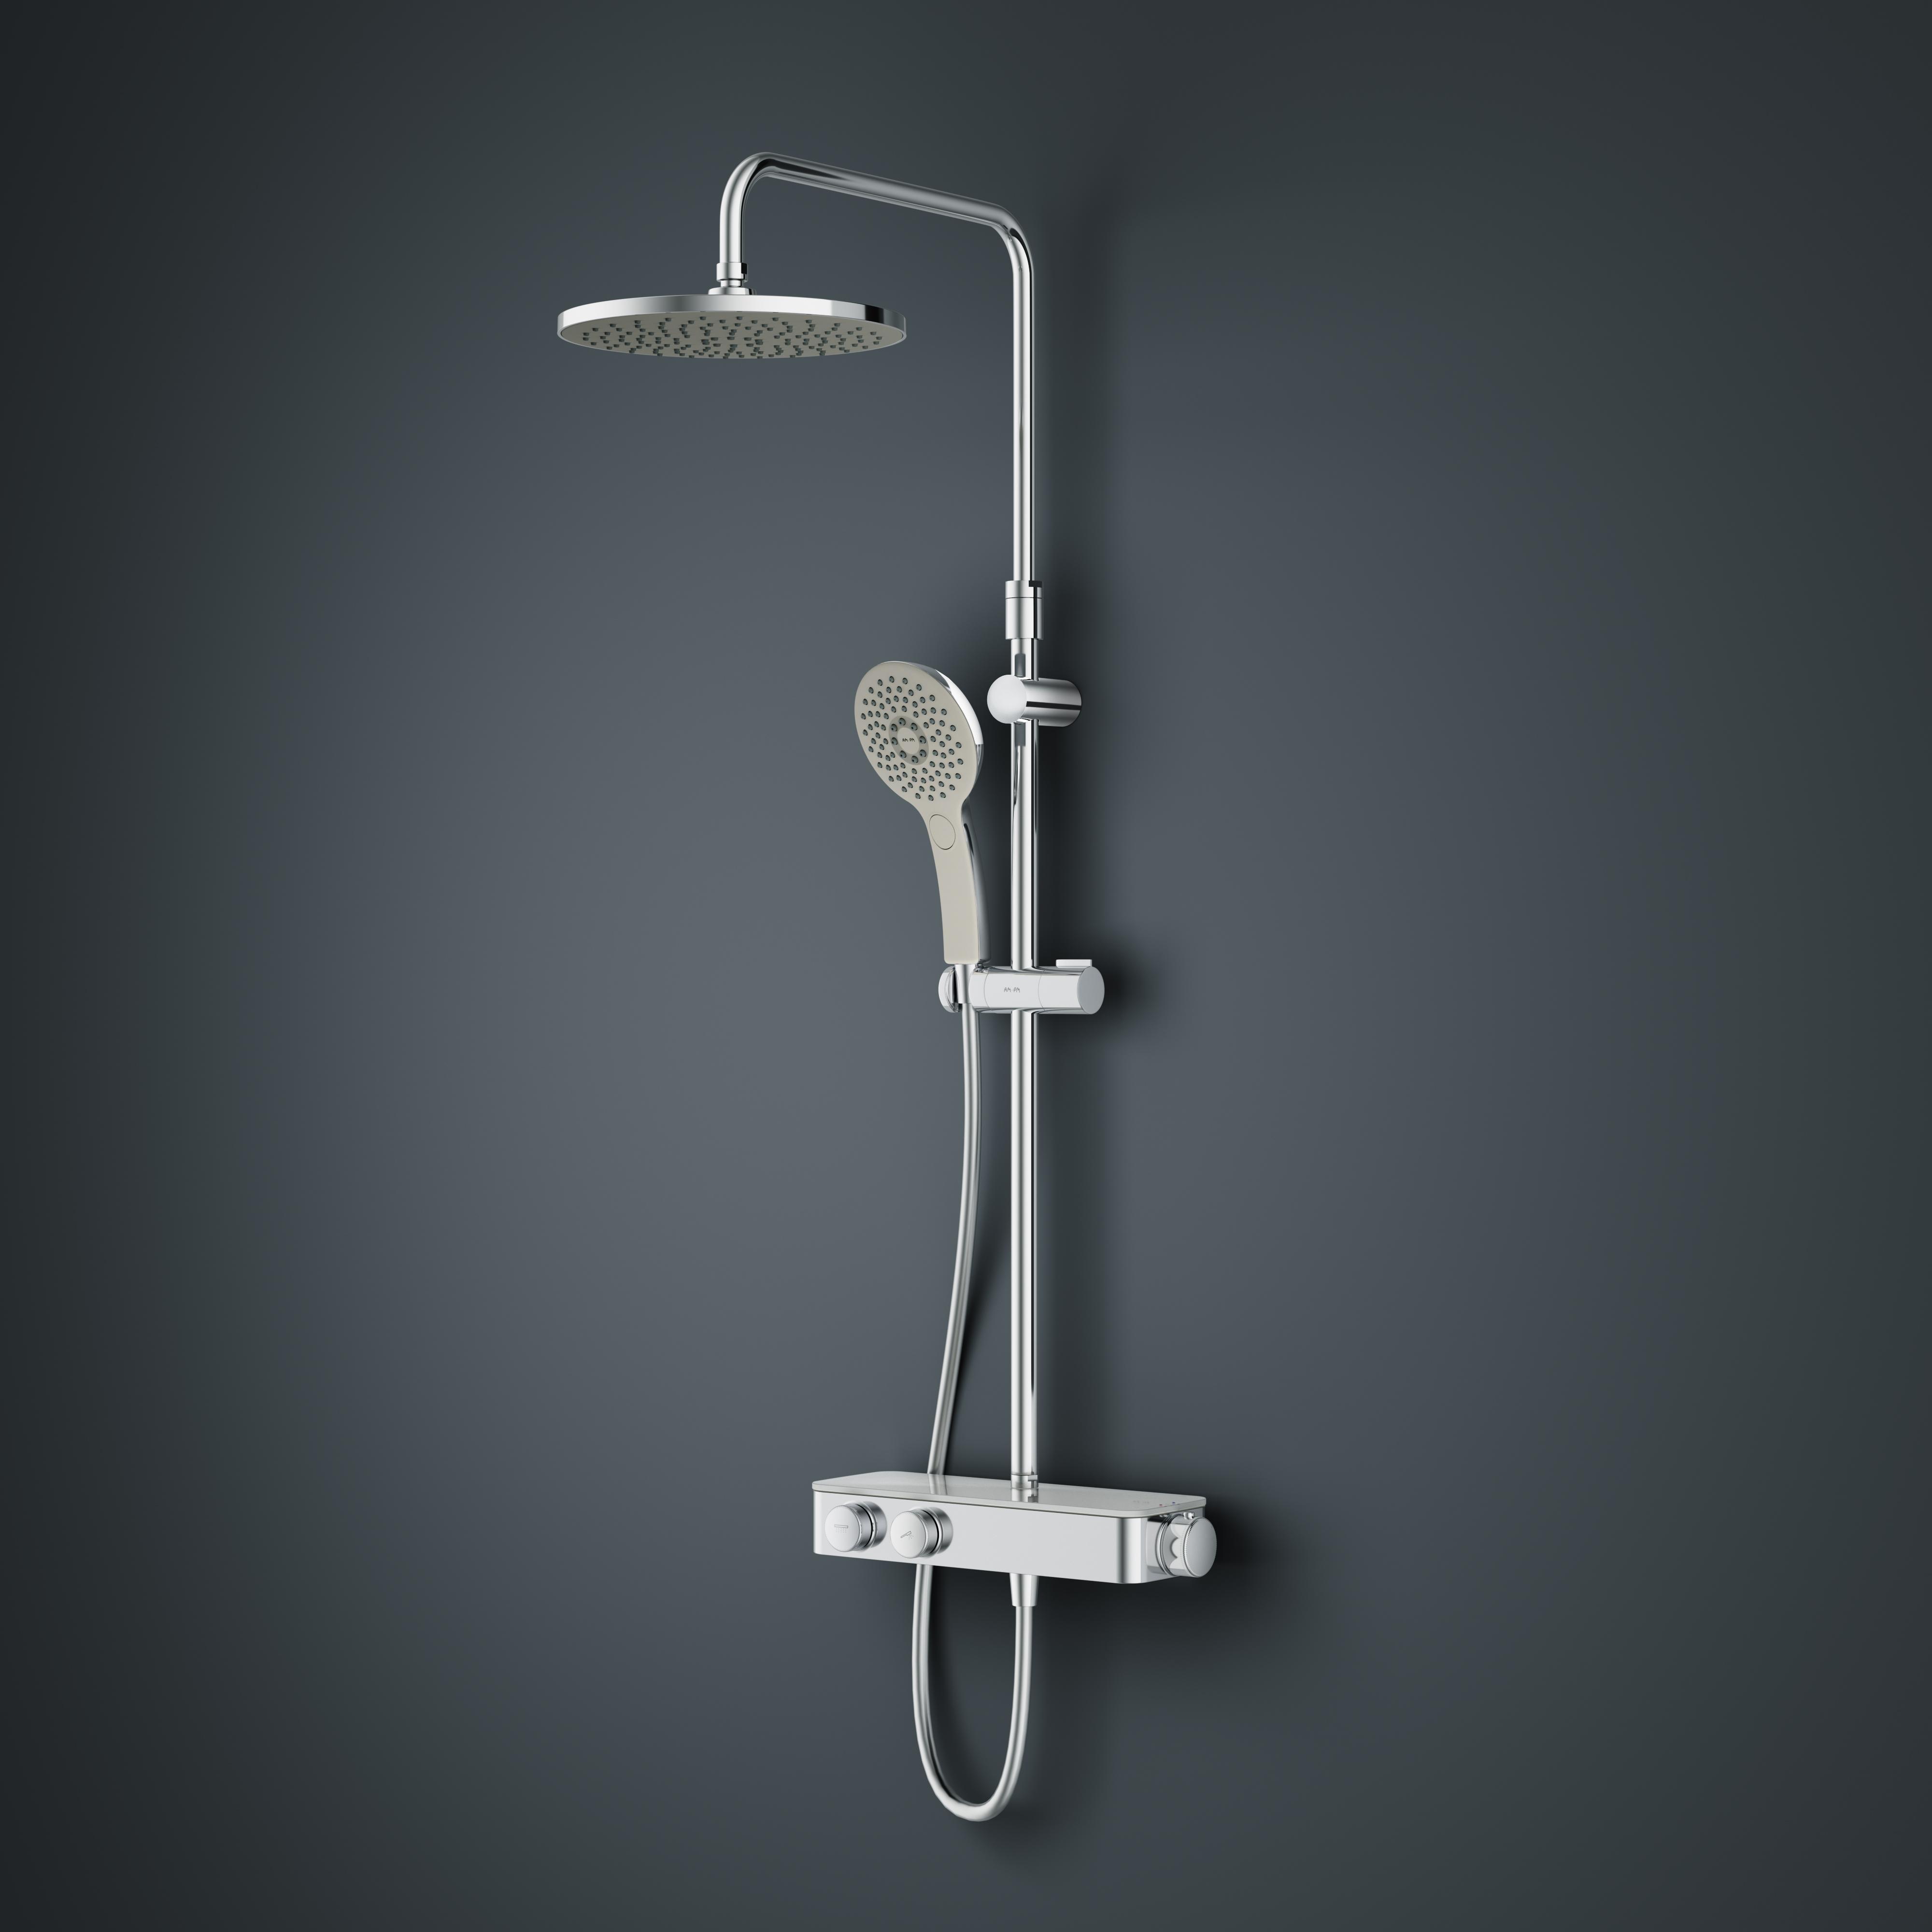 Душевая система ShowerSpot с термостатом AM.PM Inspire 2.0 F0750A400